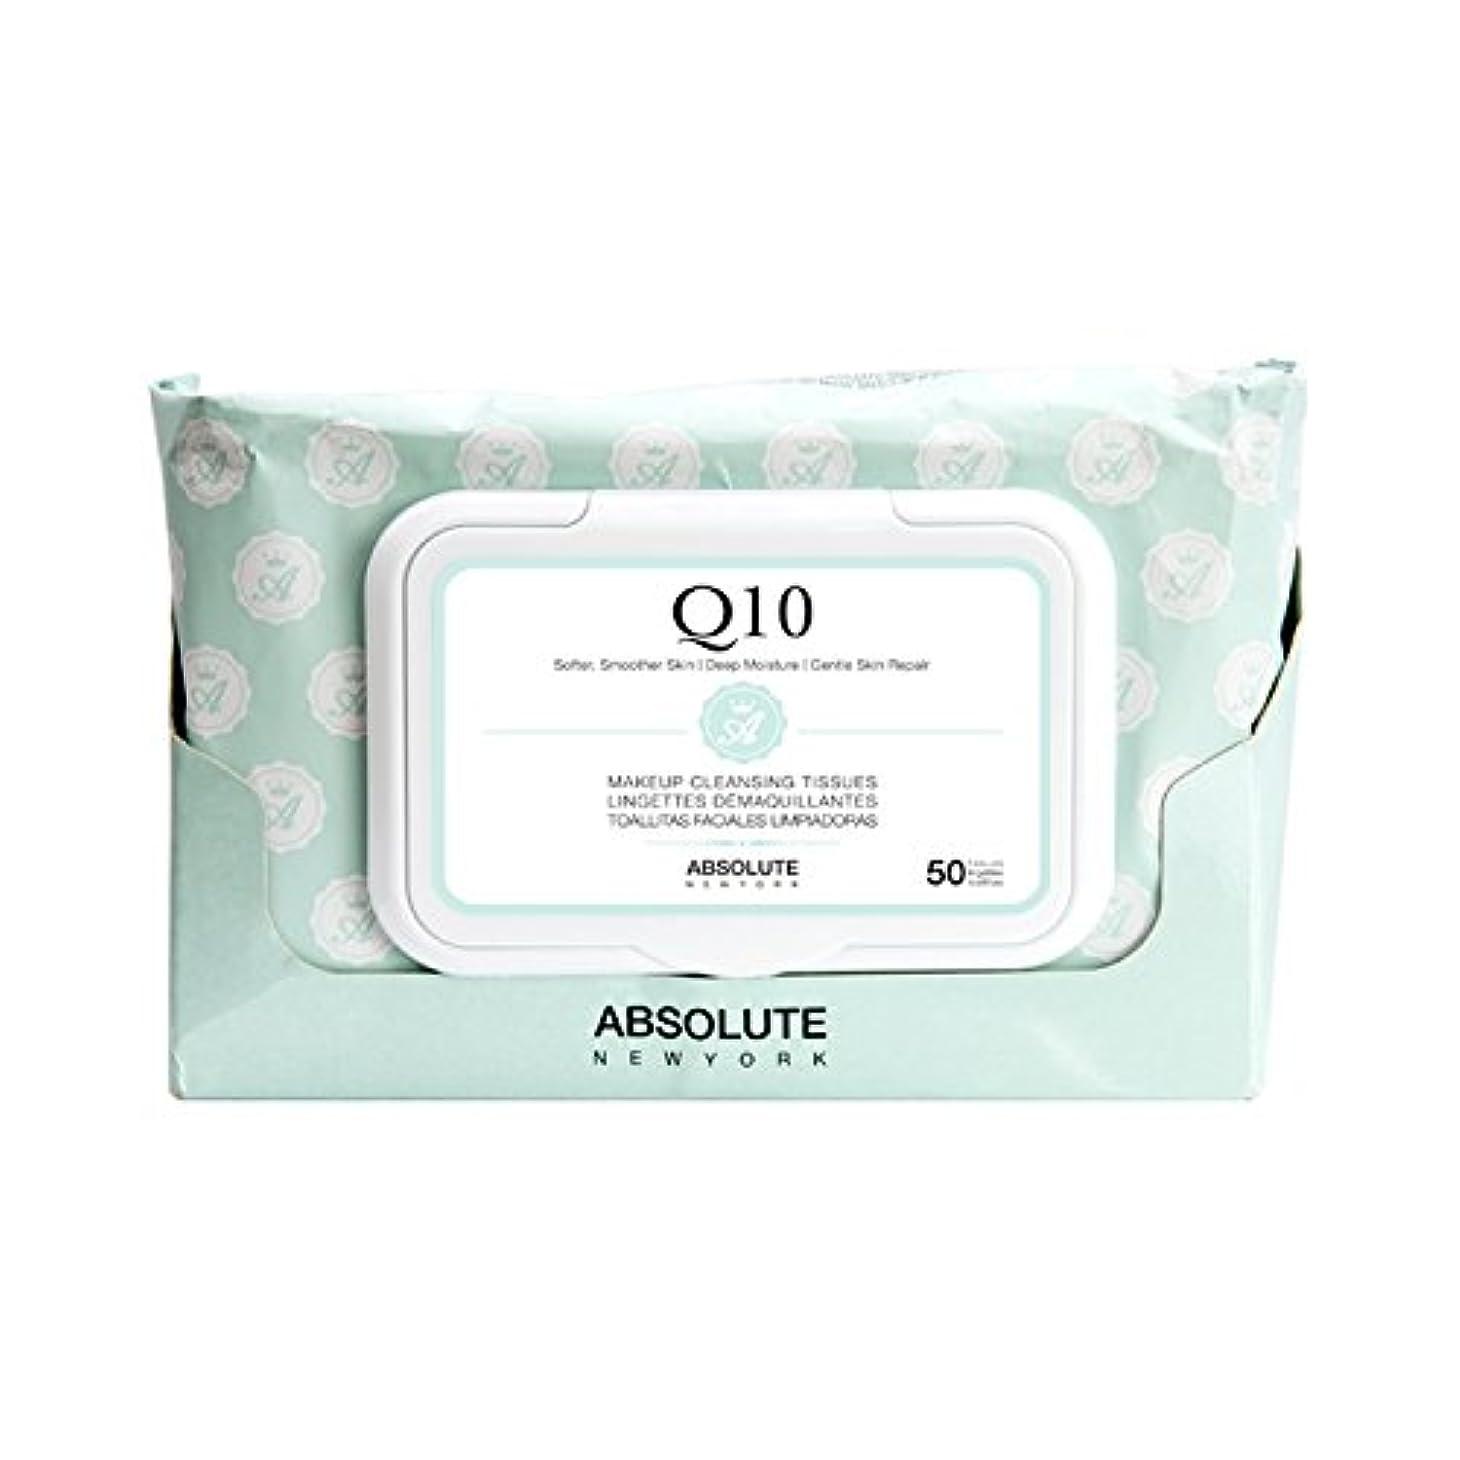 めんどりマラソン執着ABSOLUTE Makeup Cleansing Tissue 50CT - Q10 (並行輸入品)